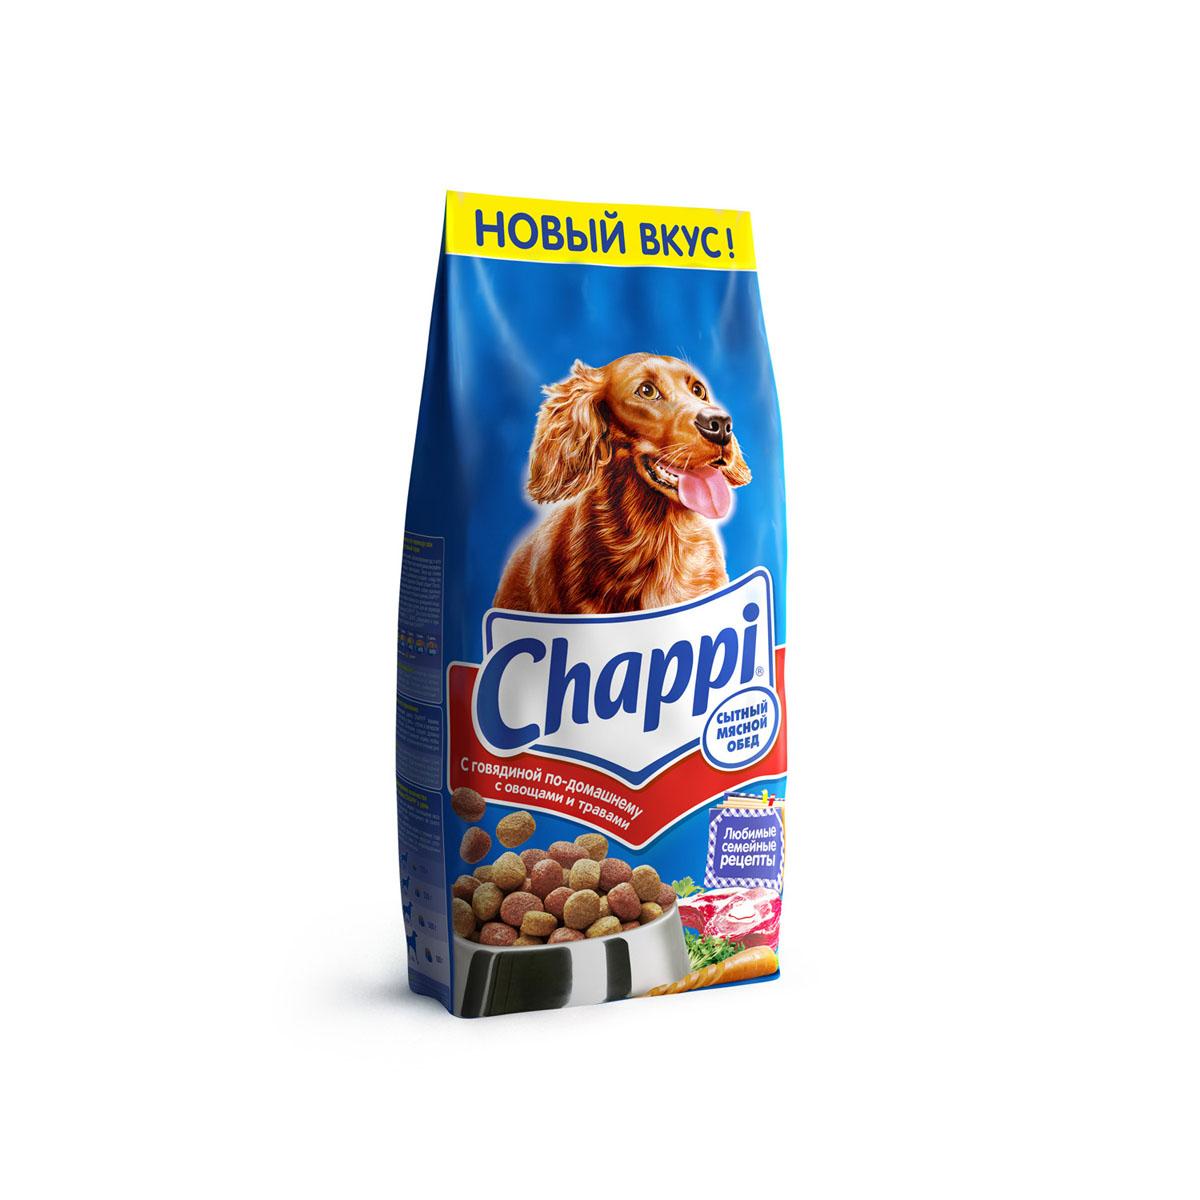 Корм сухой для собак Chappi Сытный мясной обед, с говядиной по-домашнему с овощами и травами, 15 кг10016Сухой корм Chappi Сытный мясной обед - это специально разработанная еда для собак с оптимально сбалансированным содержанием белков, витаминов и микроэлементов. Уникальная формула Chappi включает в себя все необходимые для здоровья компоненты: - мясо - для силы и энергии в течение дня; - овощи, травы и злаки - для отличного пищеварения; - масла и жиры - для блестящей шерсти и здоровой кожи; - кальций - для крепких зубов и костей; - витамины - для защиты здоровья; - минералы - для подержания собаки в оптимальной форме. Корм Chappi идеально подходит для вашего любимца как надежный источник жизненных сил. Состав: злаки, мясо и субпродукты, жиры животного происхождения, морковь, люцерна, растительные масла, минеральные вещества, витамины. Пищевая ценность в 100 г: белок - 18 г, жиры - 10 г, клетчатка - 7 г, влажность - не более 10 г, зола - 7 г, кальций - 0,8 г, фосфор - 0,6 г, витамин А - 500...